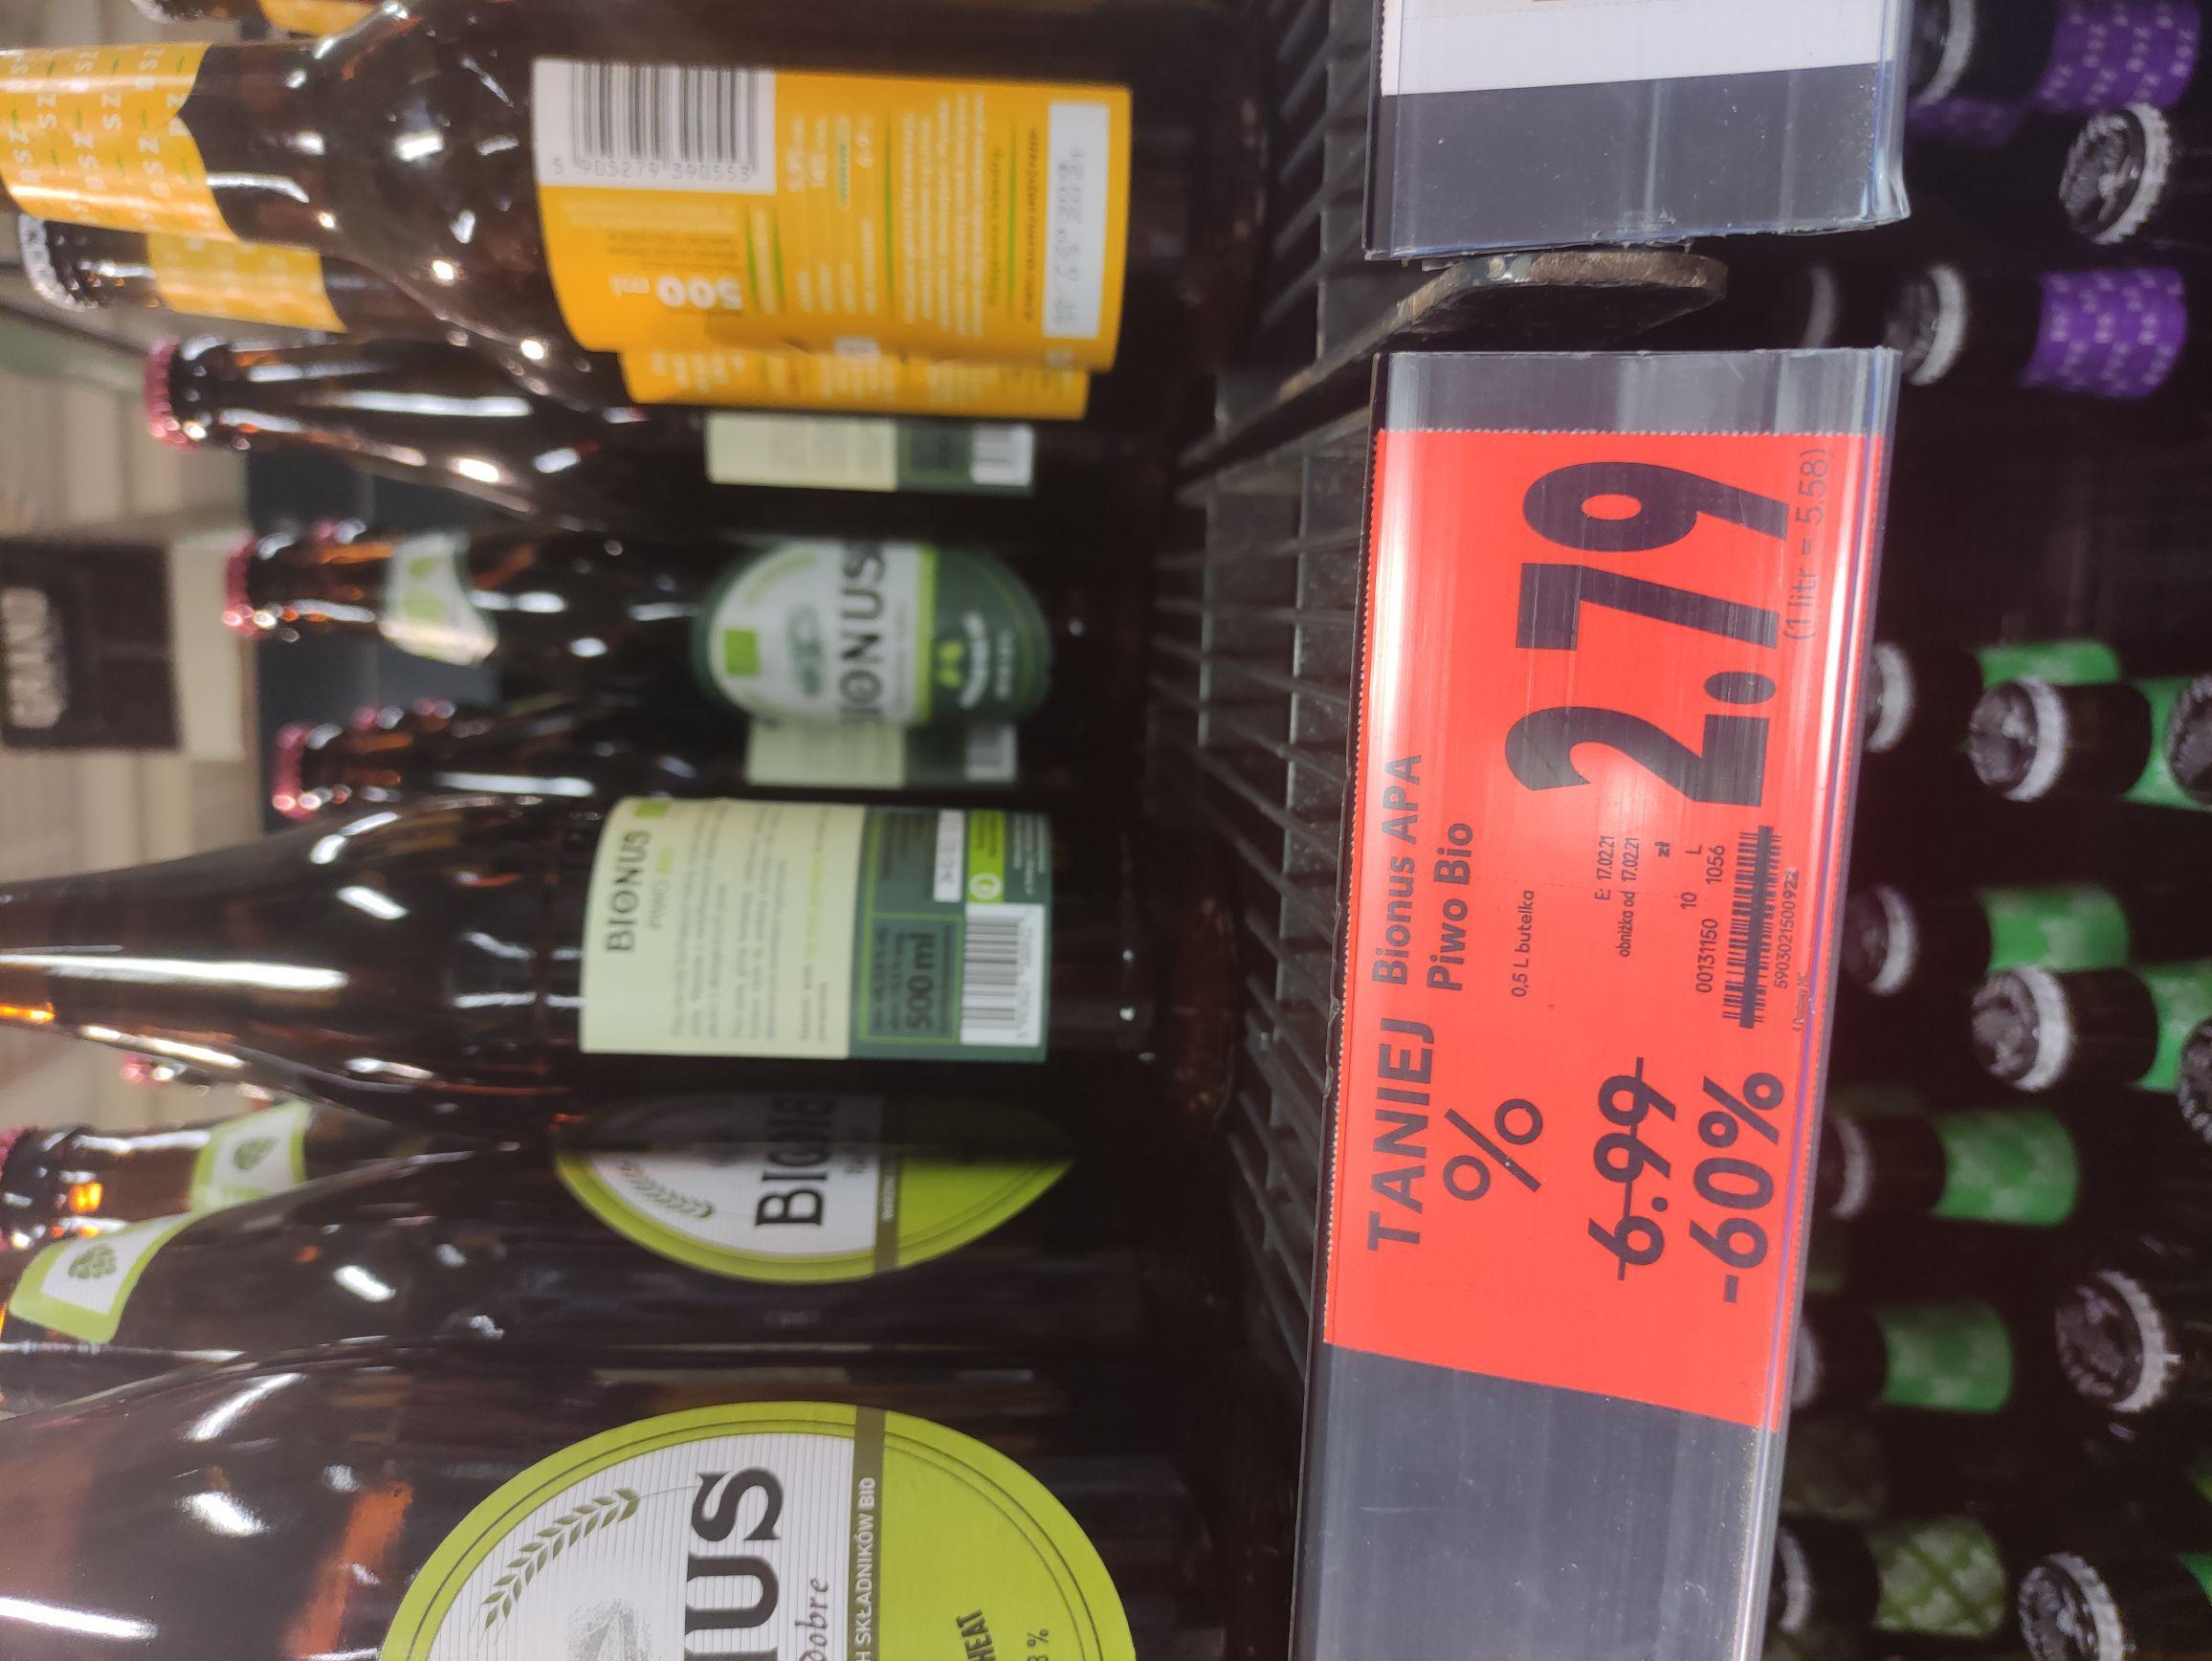 Piwo Bionus APA Kaufland (Dzierżoniów)